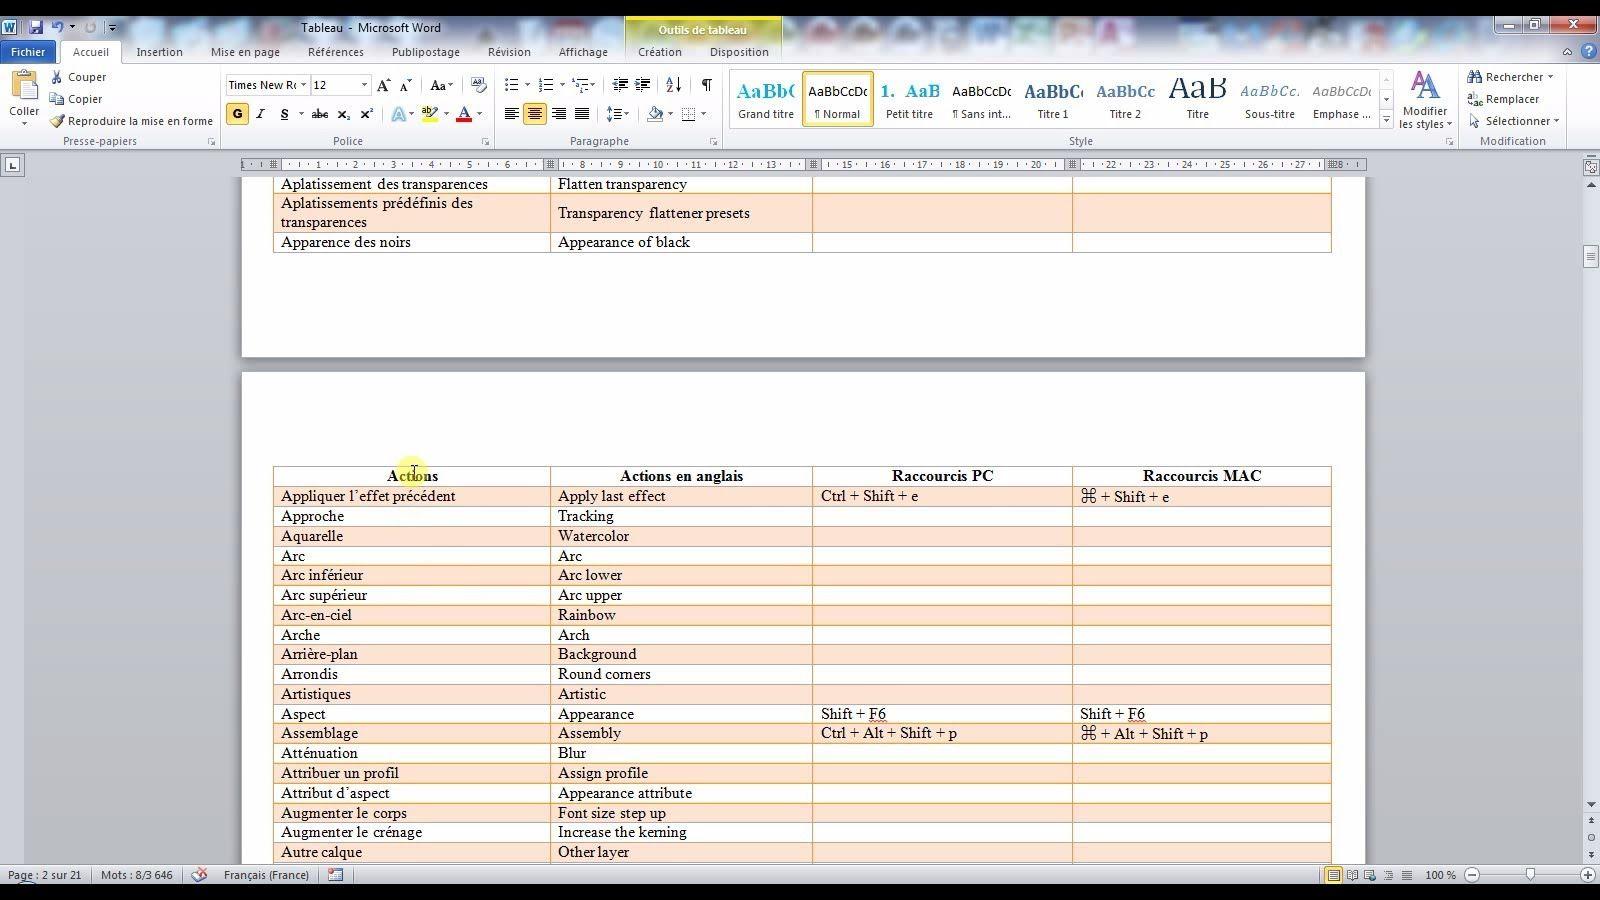 Tutoriel Video Pour Apprendre A Inserer Une Ligne D En Tete De Colonne Dans Un Tableau Word En Utilisant Les P Astuces Informatiques Astuces Excel Informatique